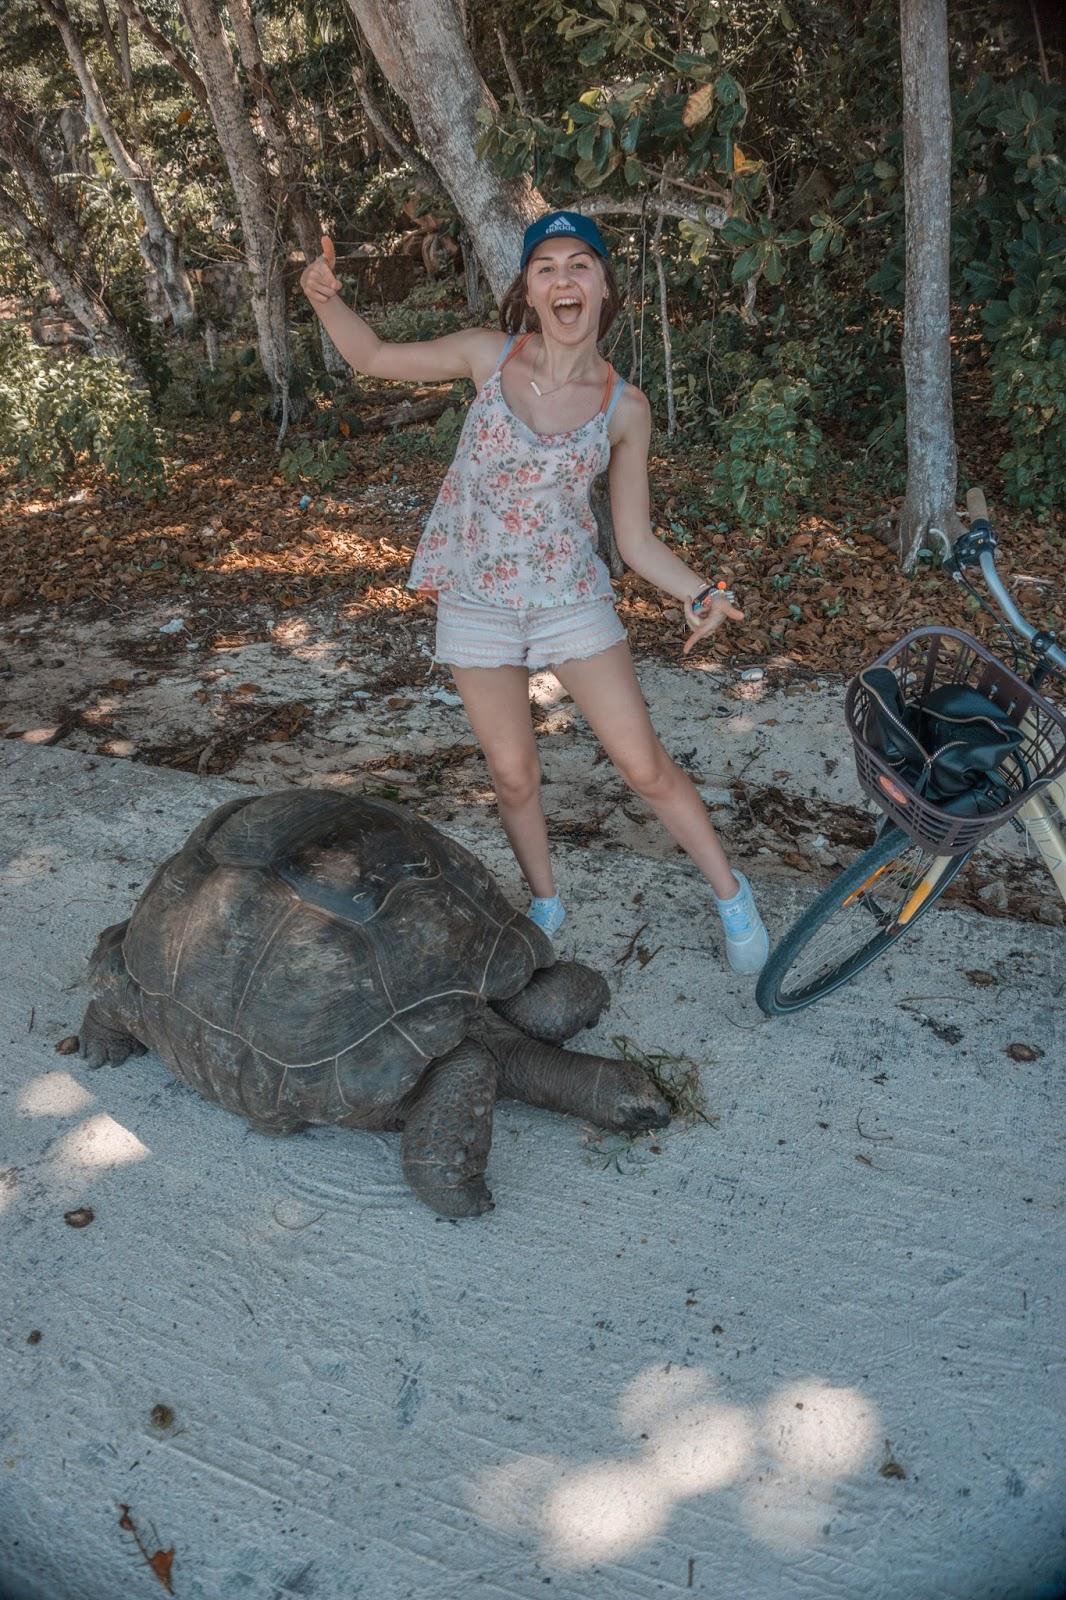 Seszele żółwie, żółwie w naturalnym środowisku, żółwie na Seszelach, żółwie La Digue, żółwie Praslin, blog podróżniczy